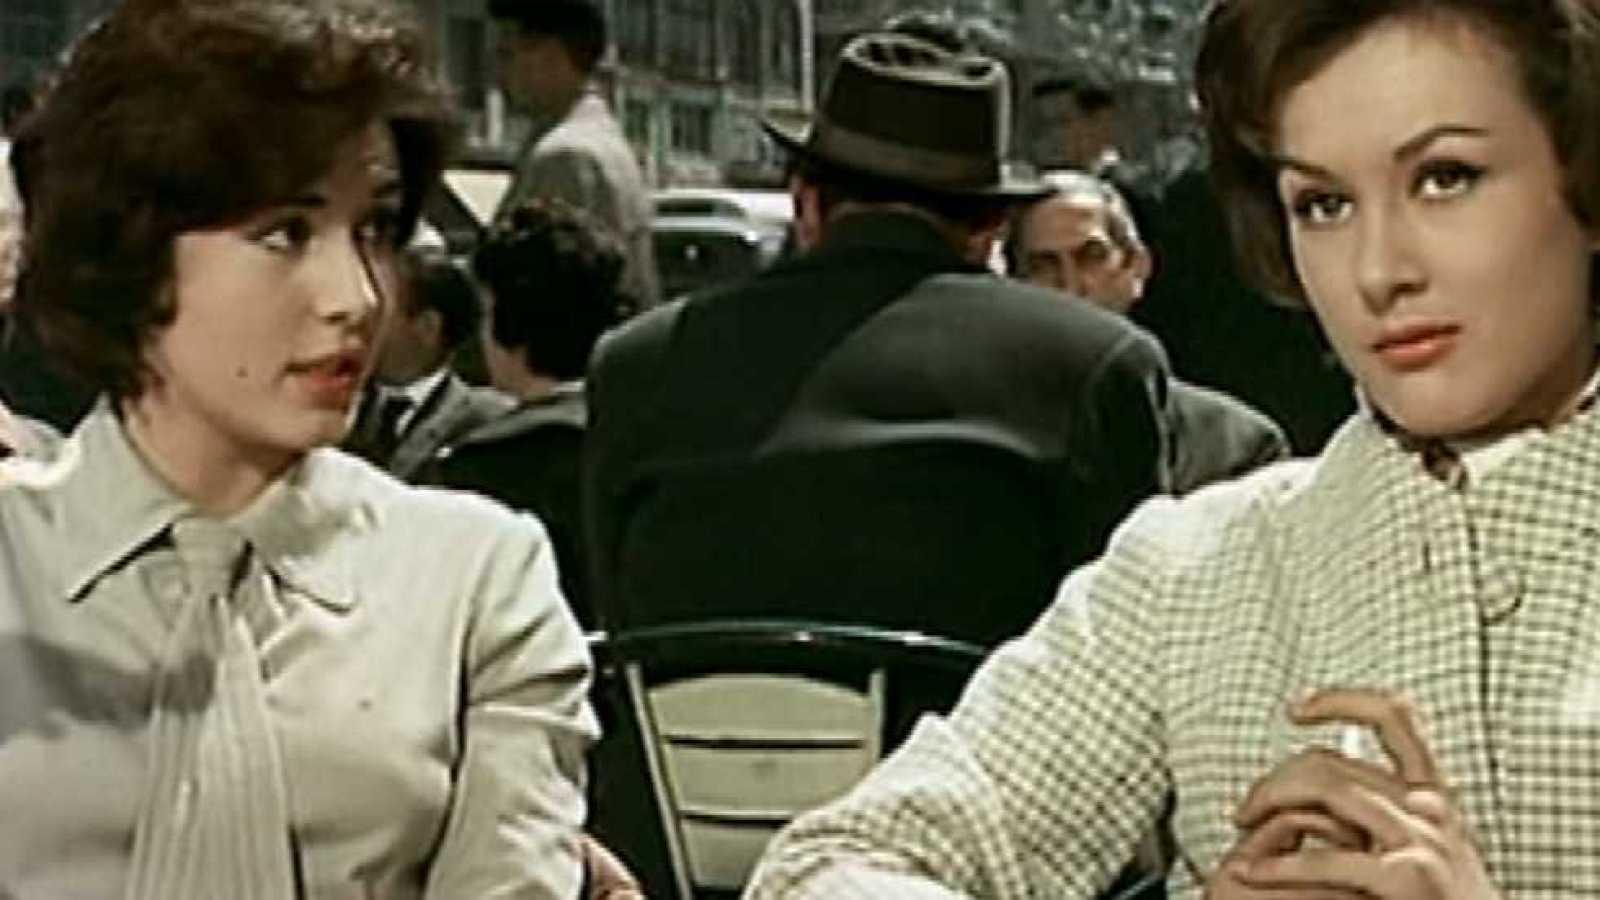 Cine de barrio - El día de los enamorados - Ver ahora